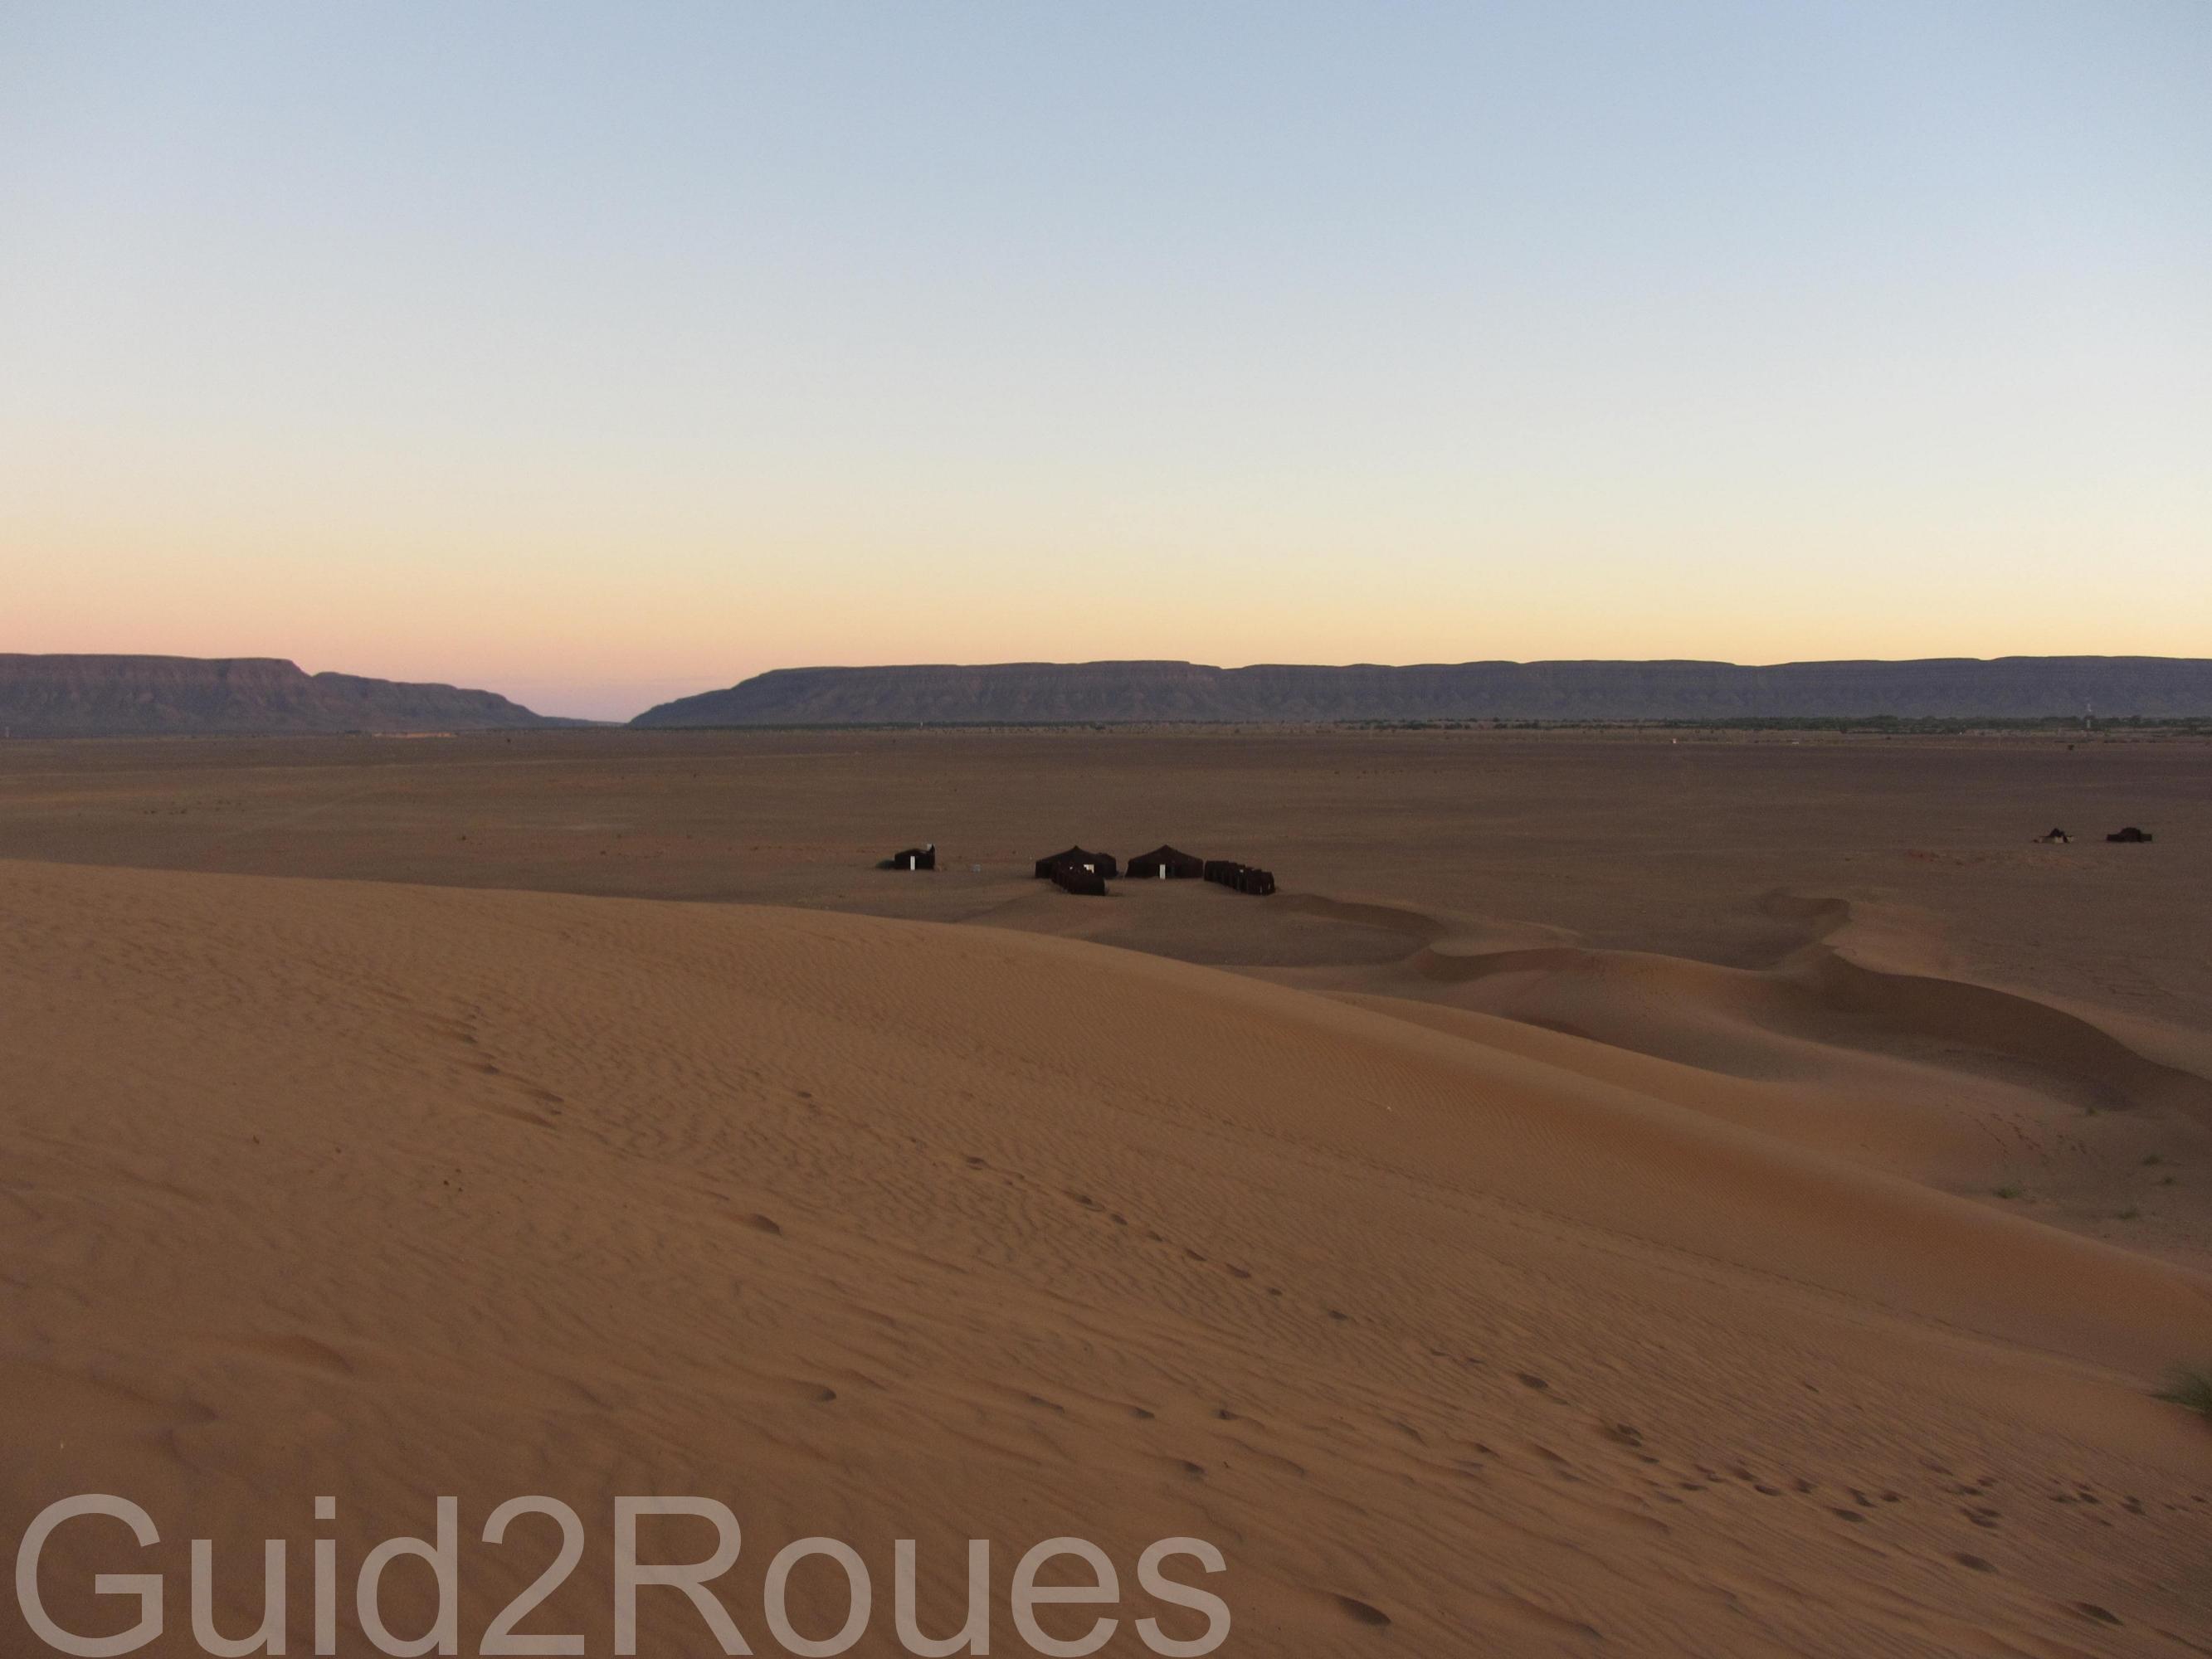 Circuit moto route Maroc : un parcours somptueux avec Guid2Roues